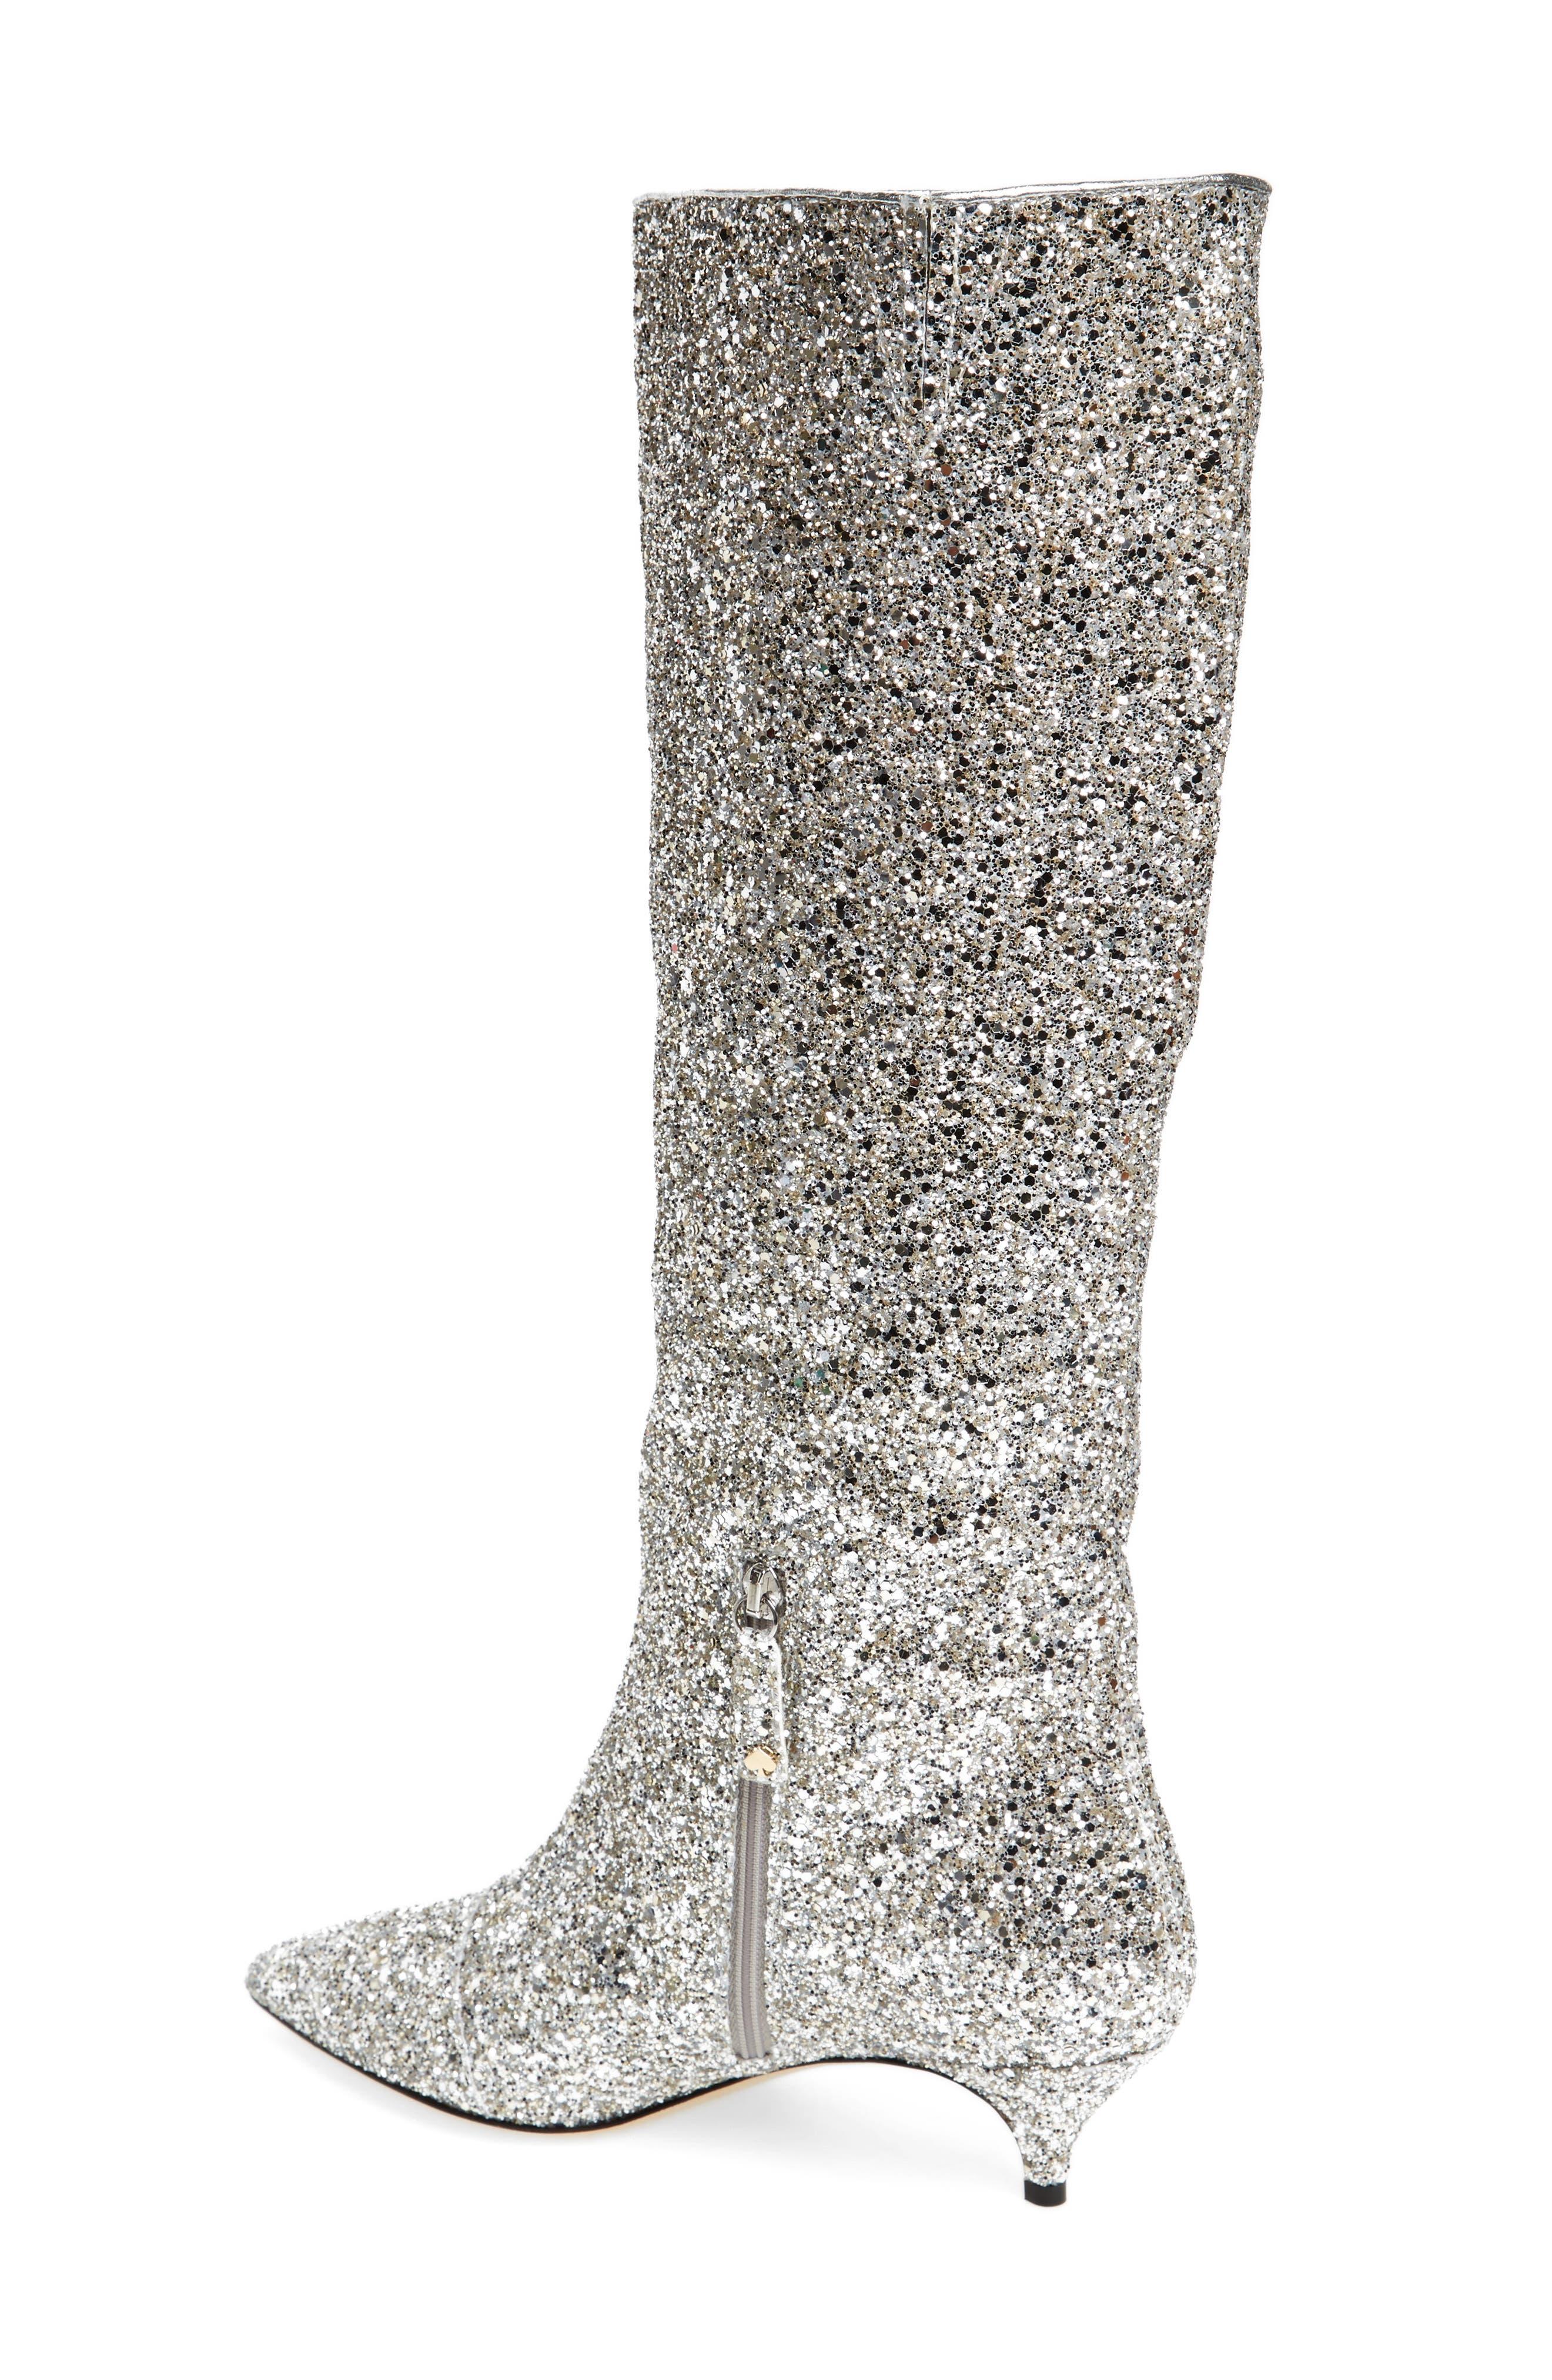 olina glitter knee high boot,                             Alternate thumbnail 2, color,                             Silver/ Gold Glitter